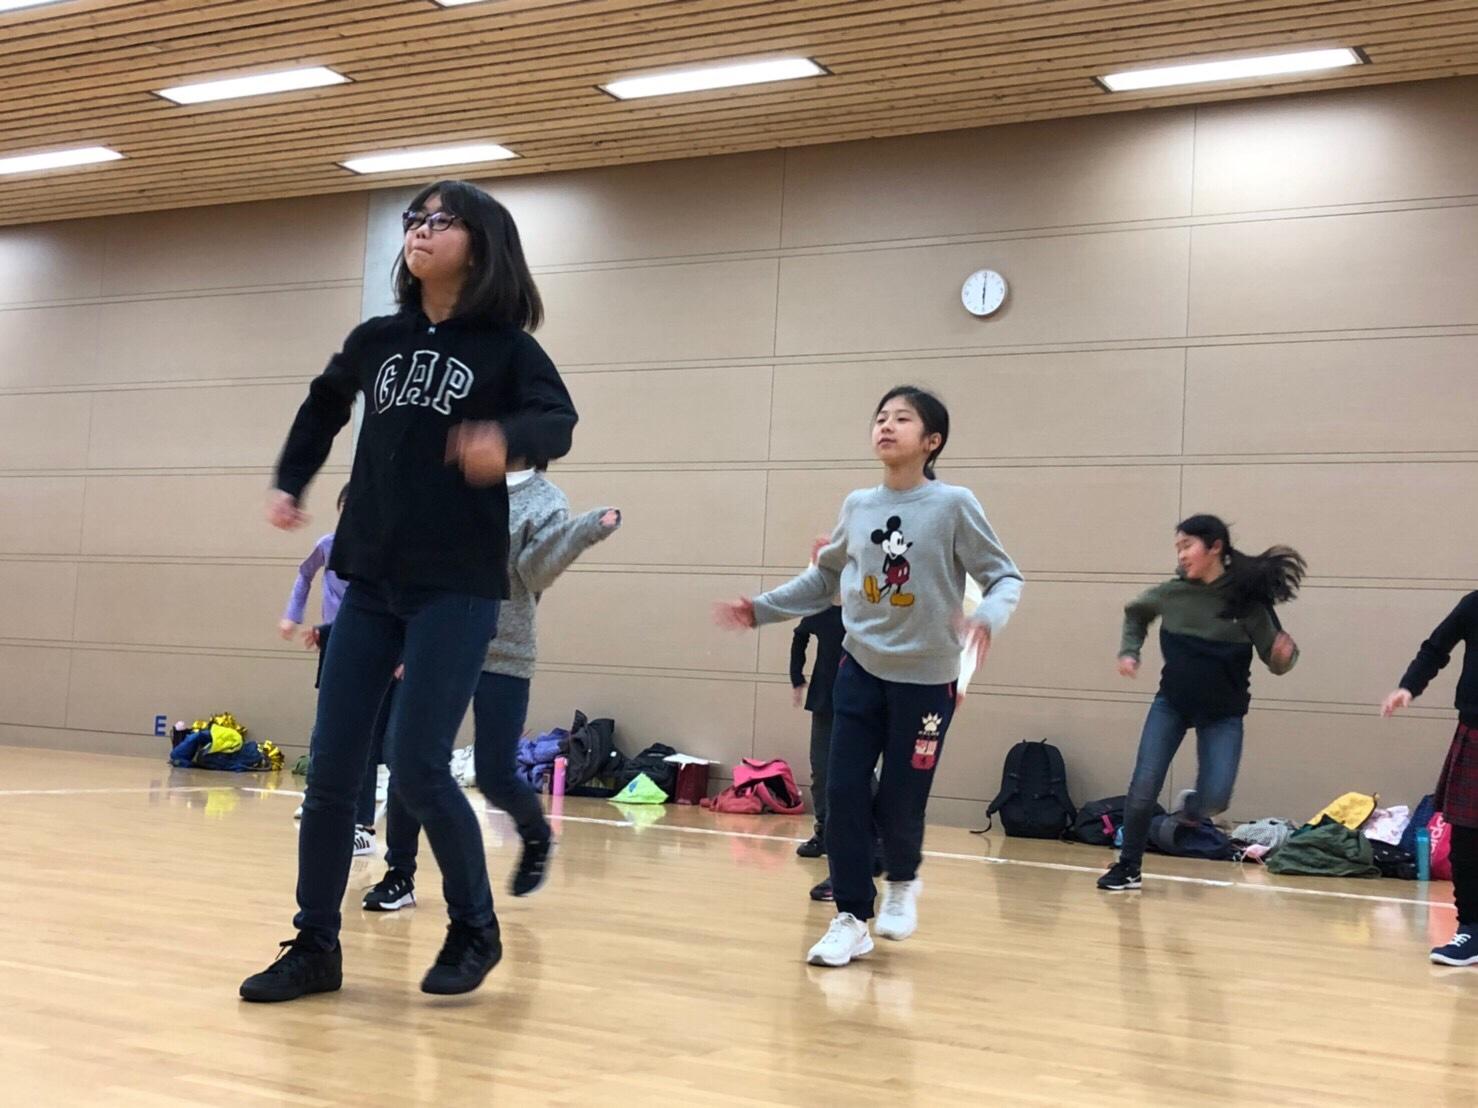 ダンスブログ「3月7日」